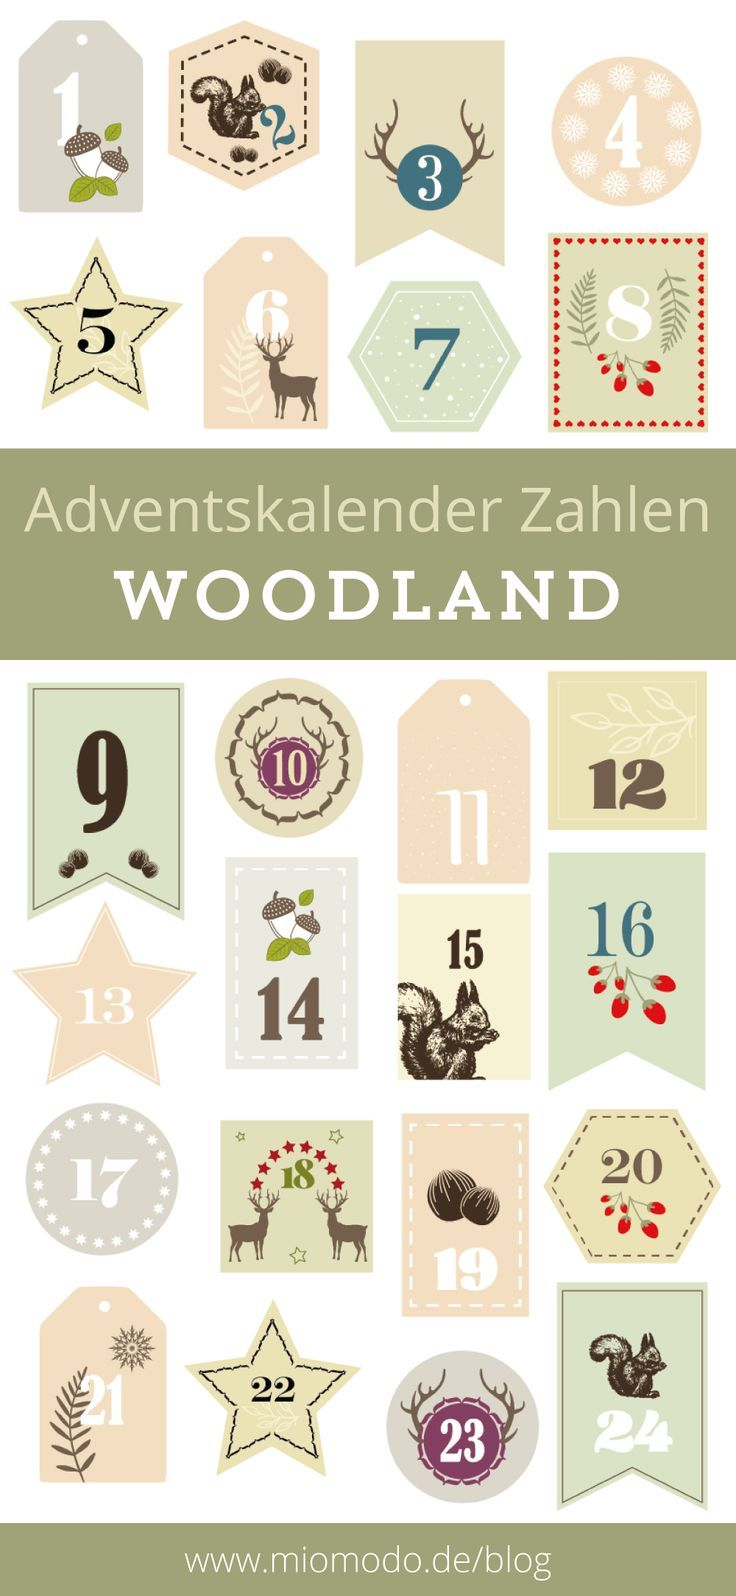 diy adventskalender zahlen woodland adventskalender zahlen pinterest adventskalender. Black Bedroom Furniture Sets. Home Design Ideas